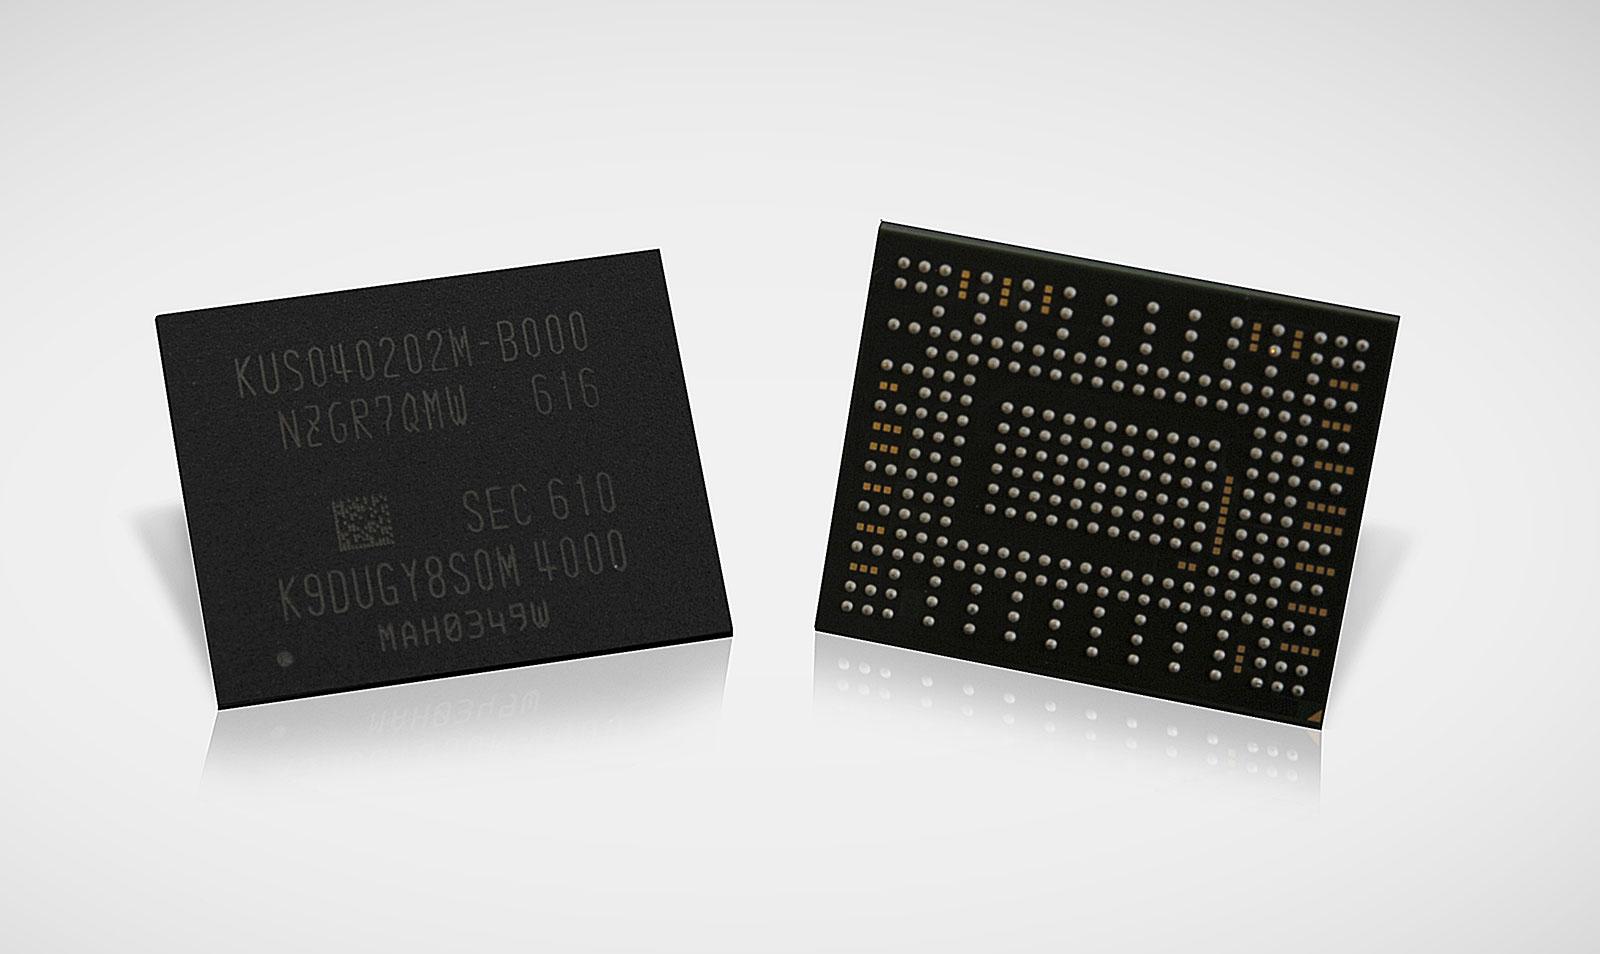 Новые SSD от Samsung емкостью в 512 ГБ по размеру не превышают почтовую марку - 1